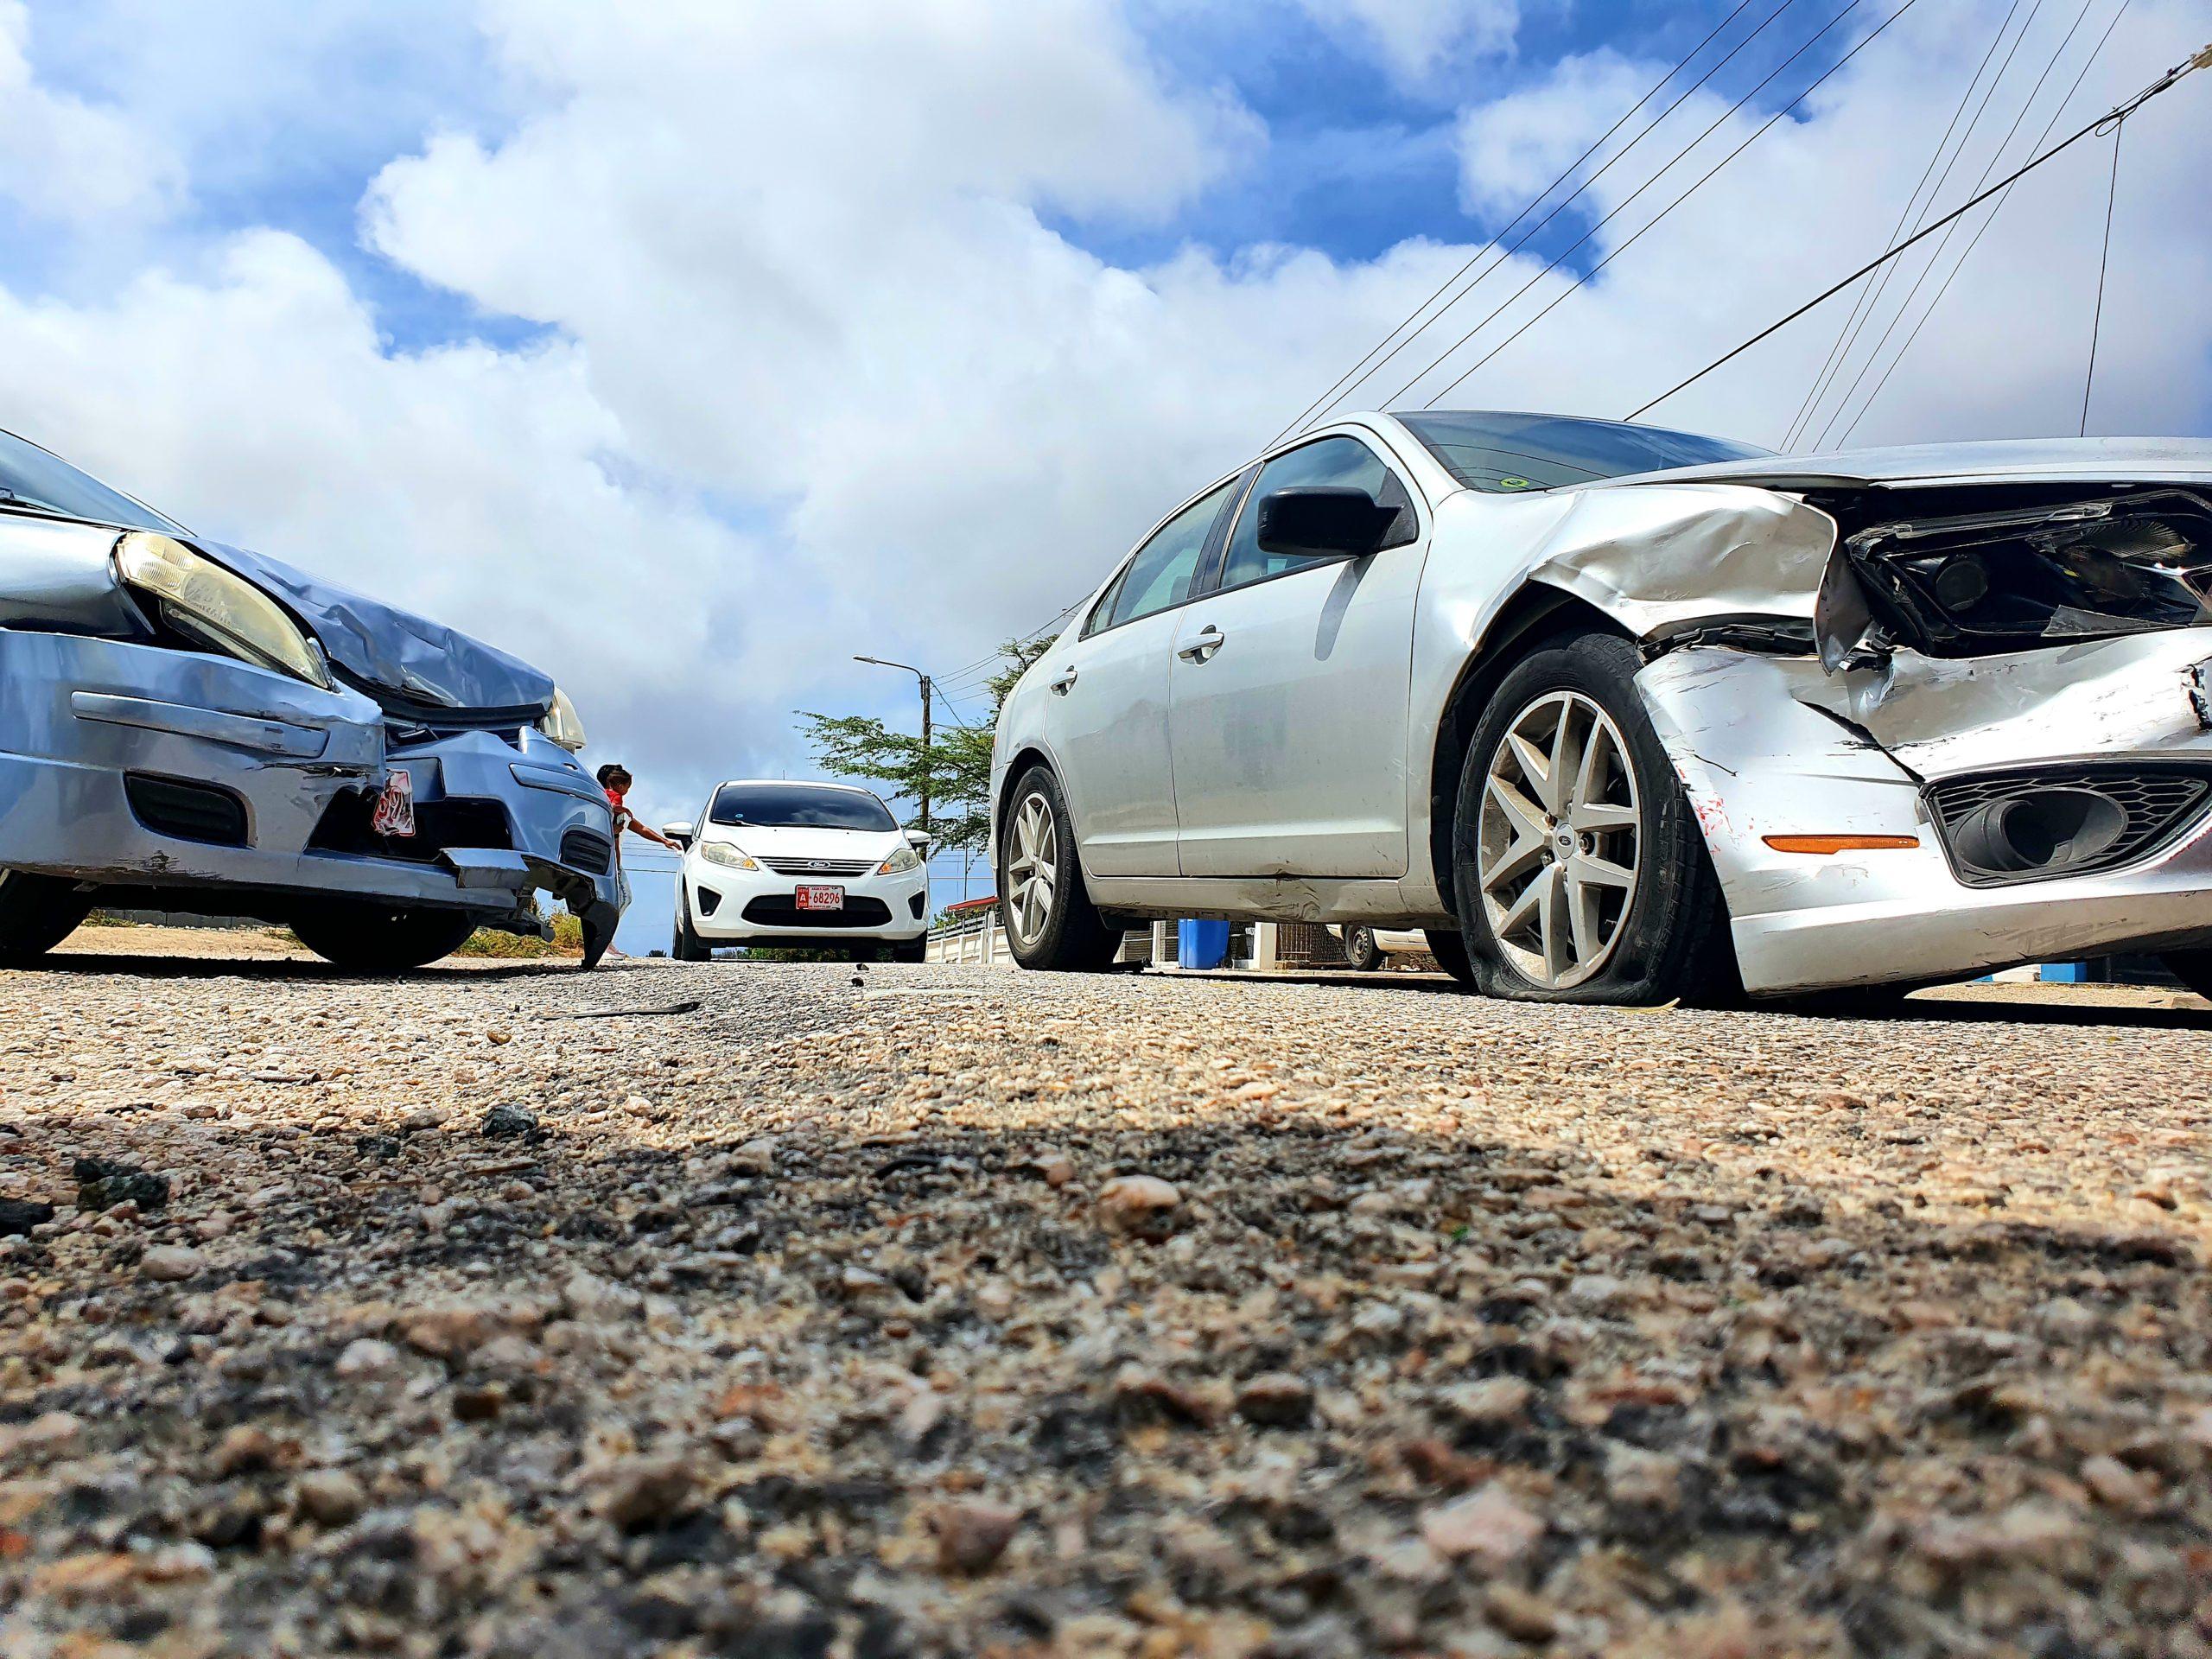 Pa falta di preferencia dos auto a accidenta